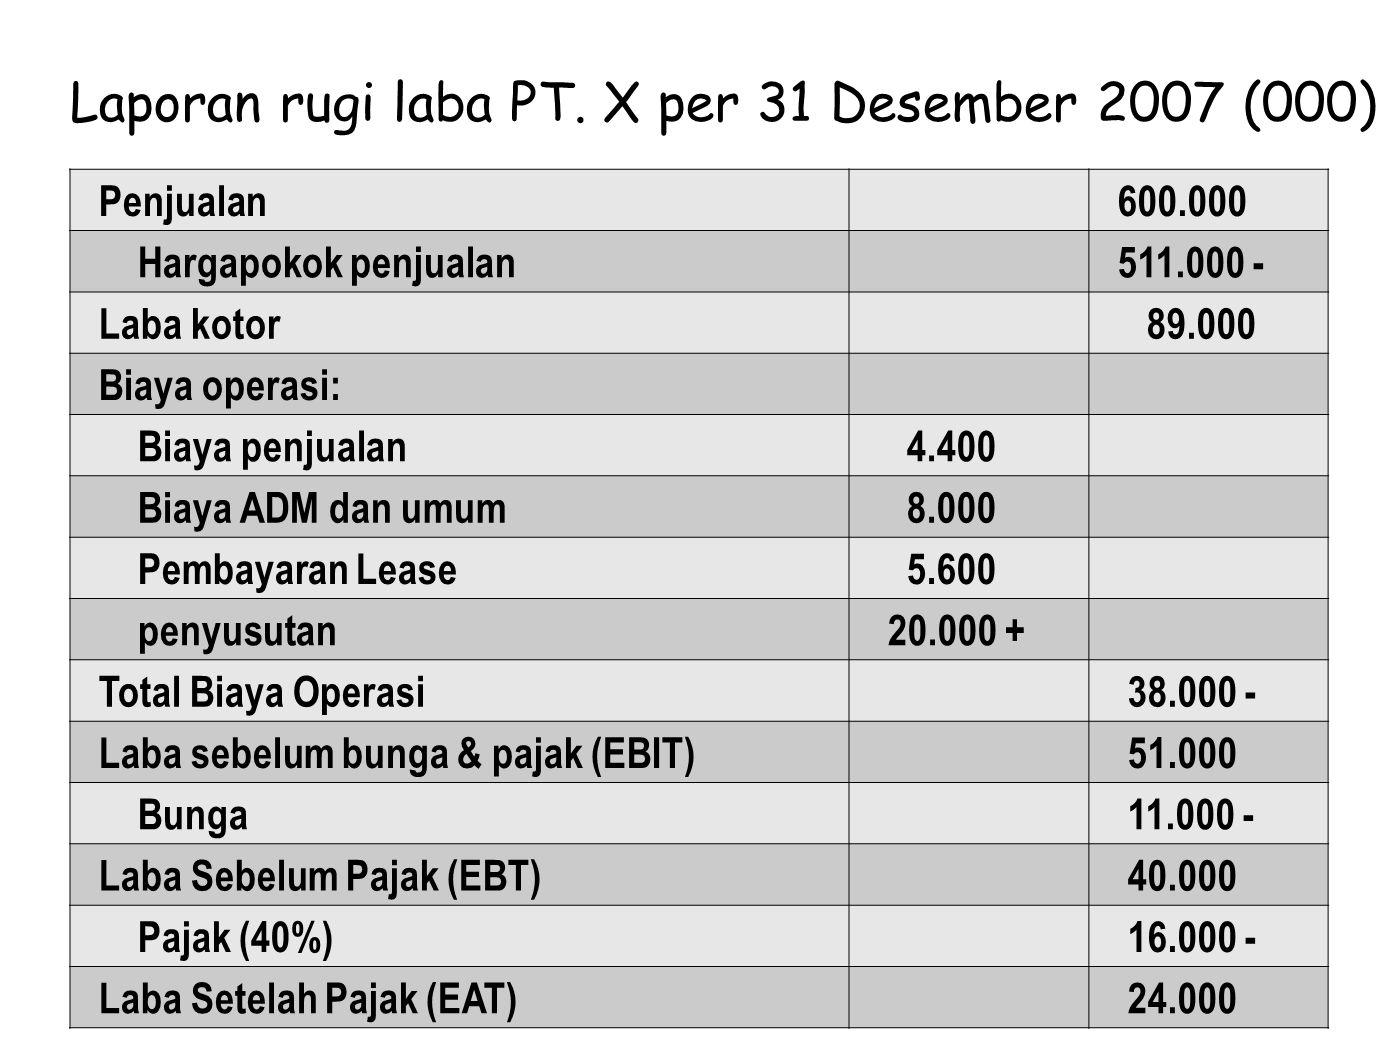 Laporan rugi laba PT. X per 31 Desember 2007 (000) Penjualan 600.000 Hargapokok penjualan 511.000 - Laba kotor 89.000 Biaya operasi: Biaya penjualan 4